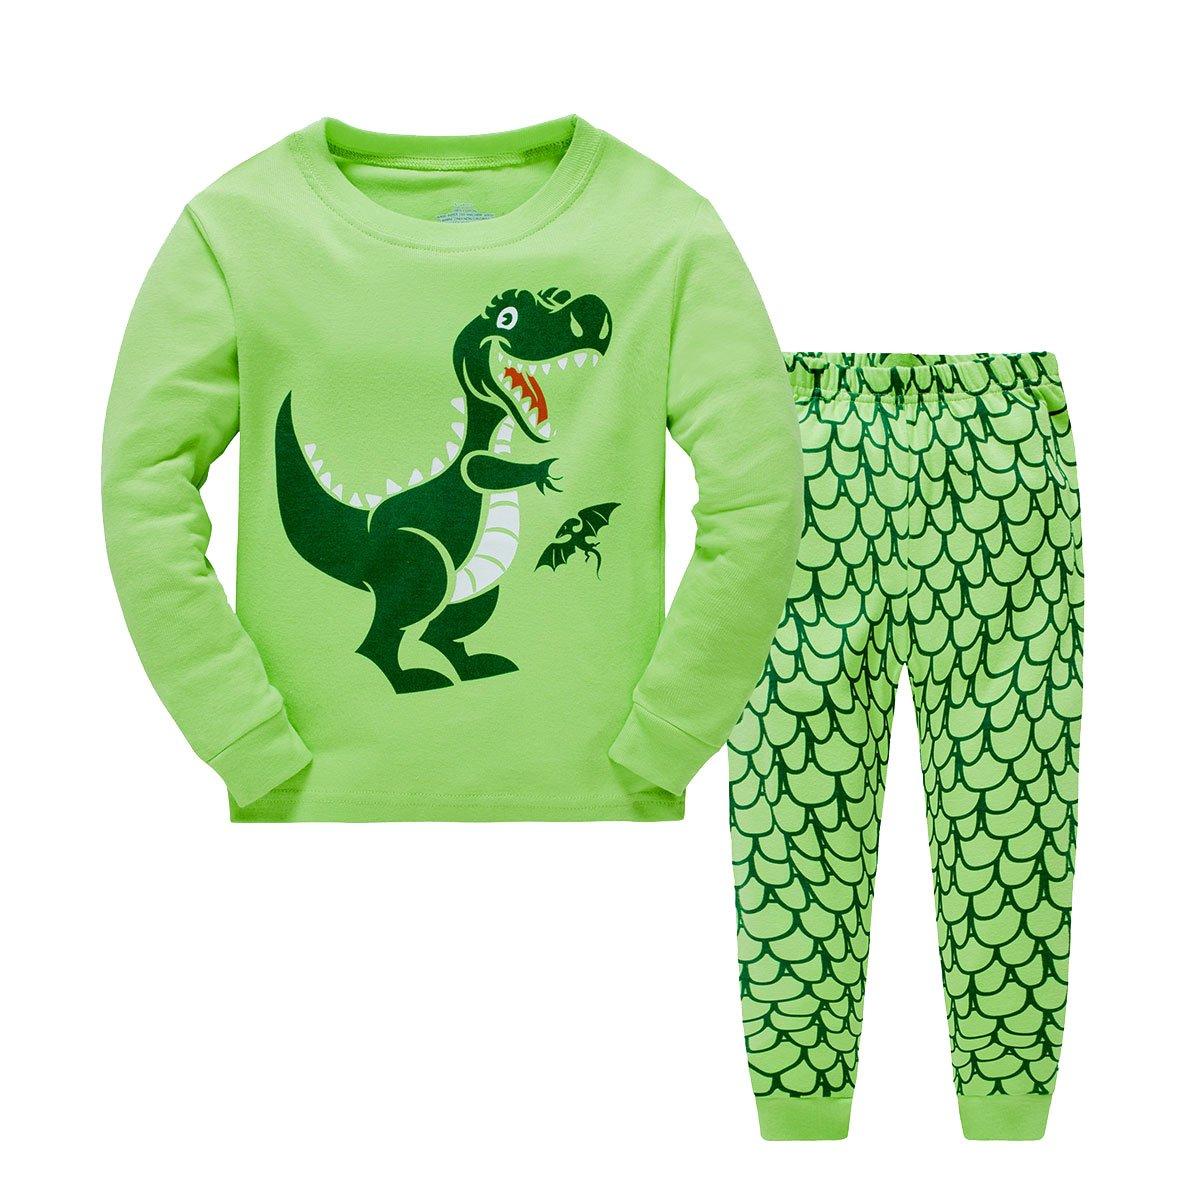 Pijamas largo los niños dos piezas de dinosaurios para de algodón 100% Tamaño 2-7 años: Amazon.es: Ropa y accesorios